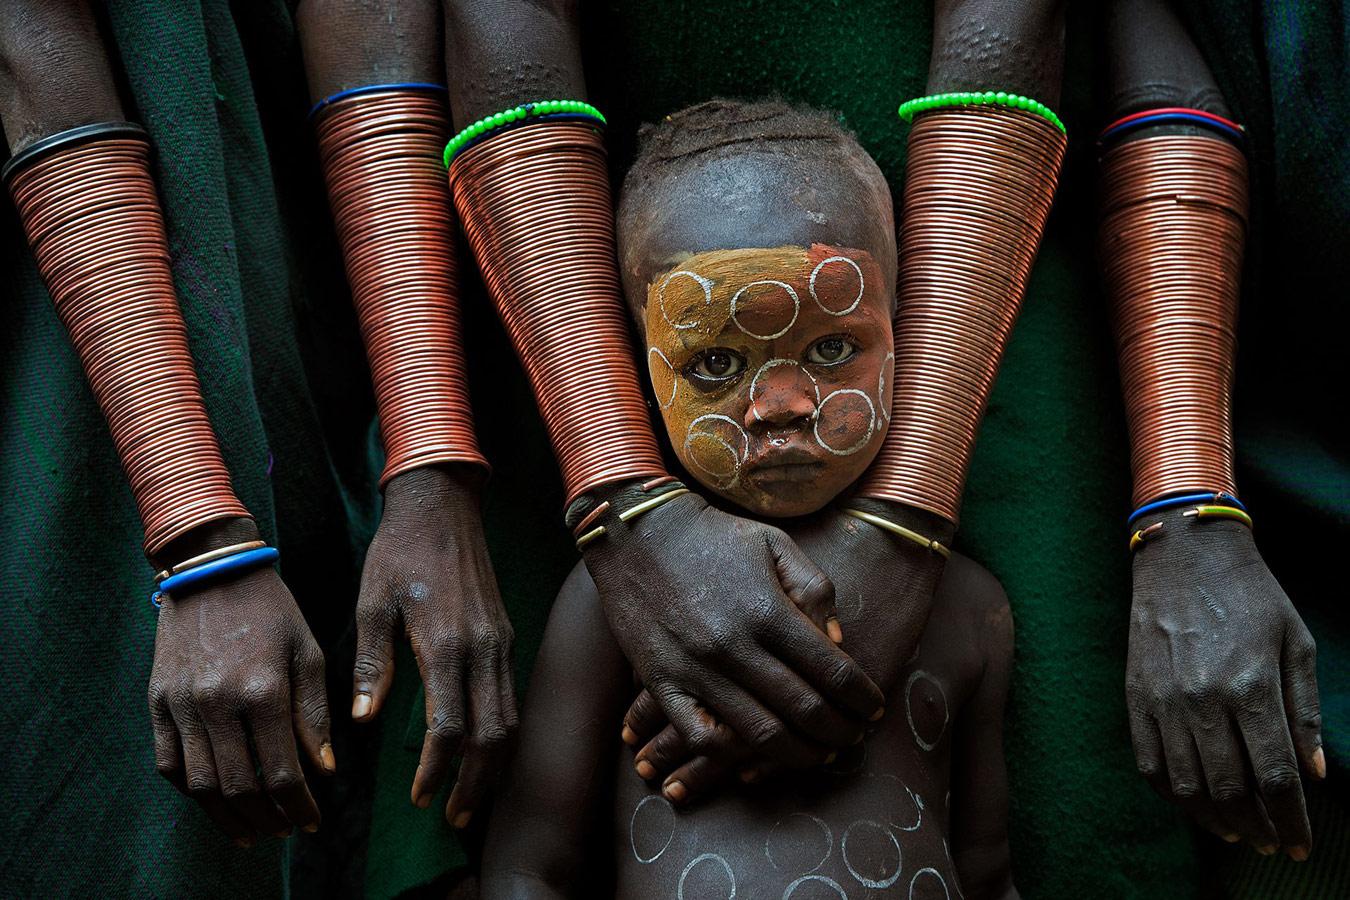 Малыш с наручными украшениями, © Дэвид Нам Лип Ли, Малайзия, 1 место, Фотоконкурс Siena